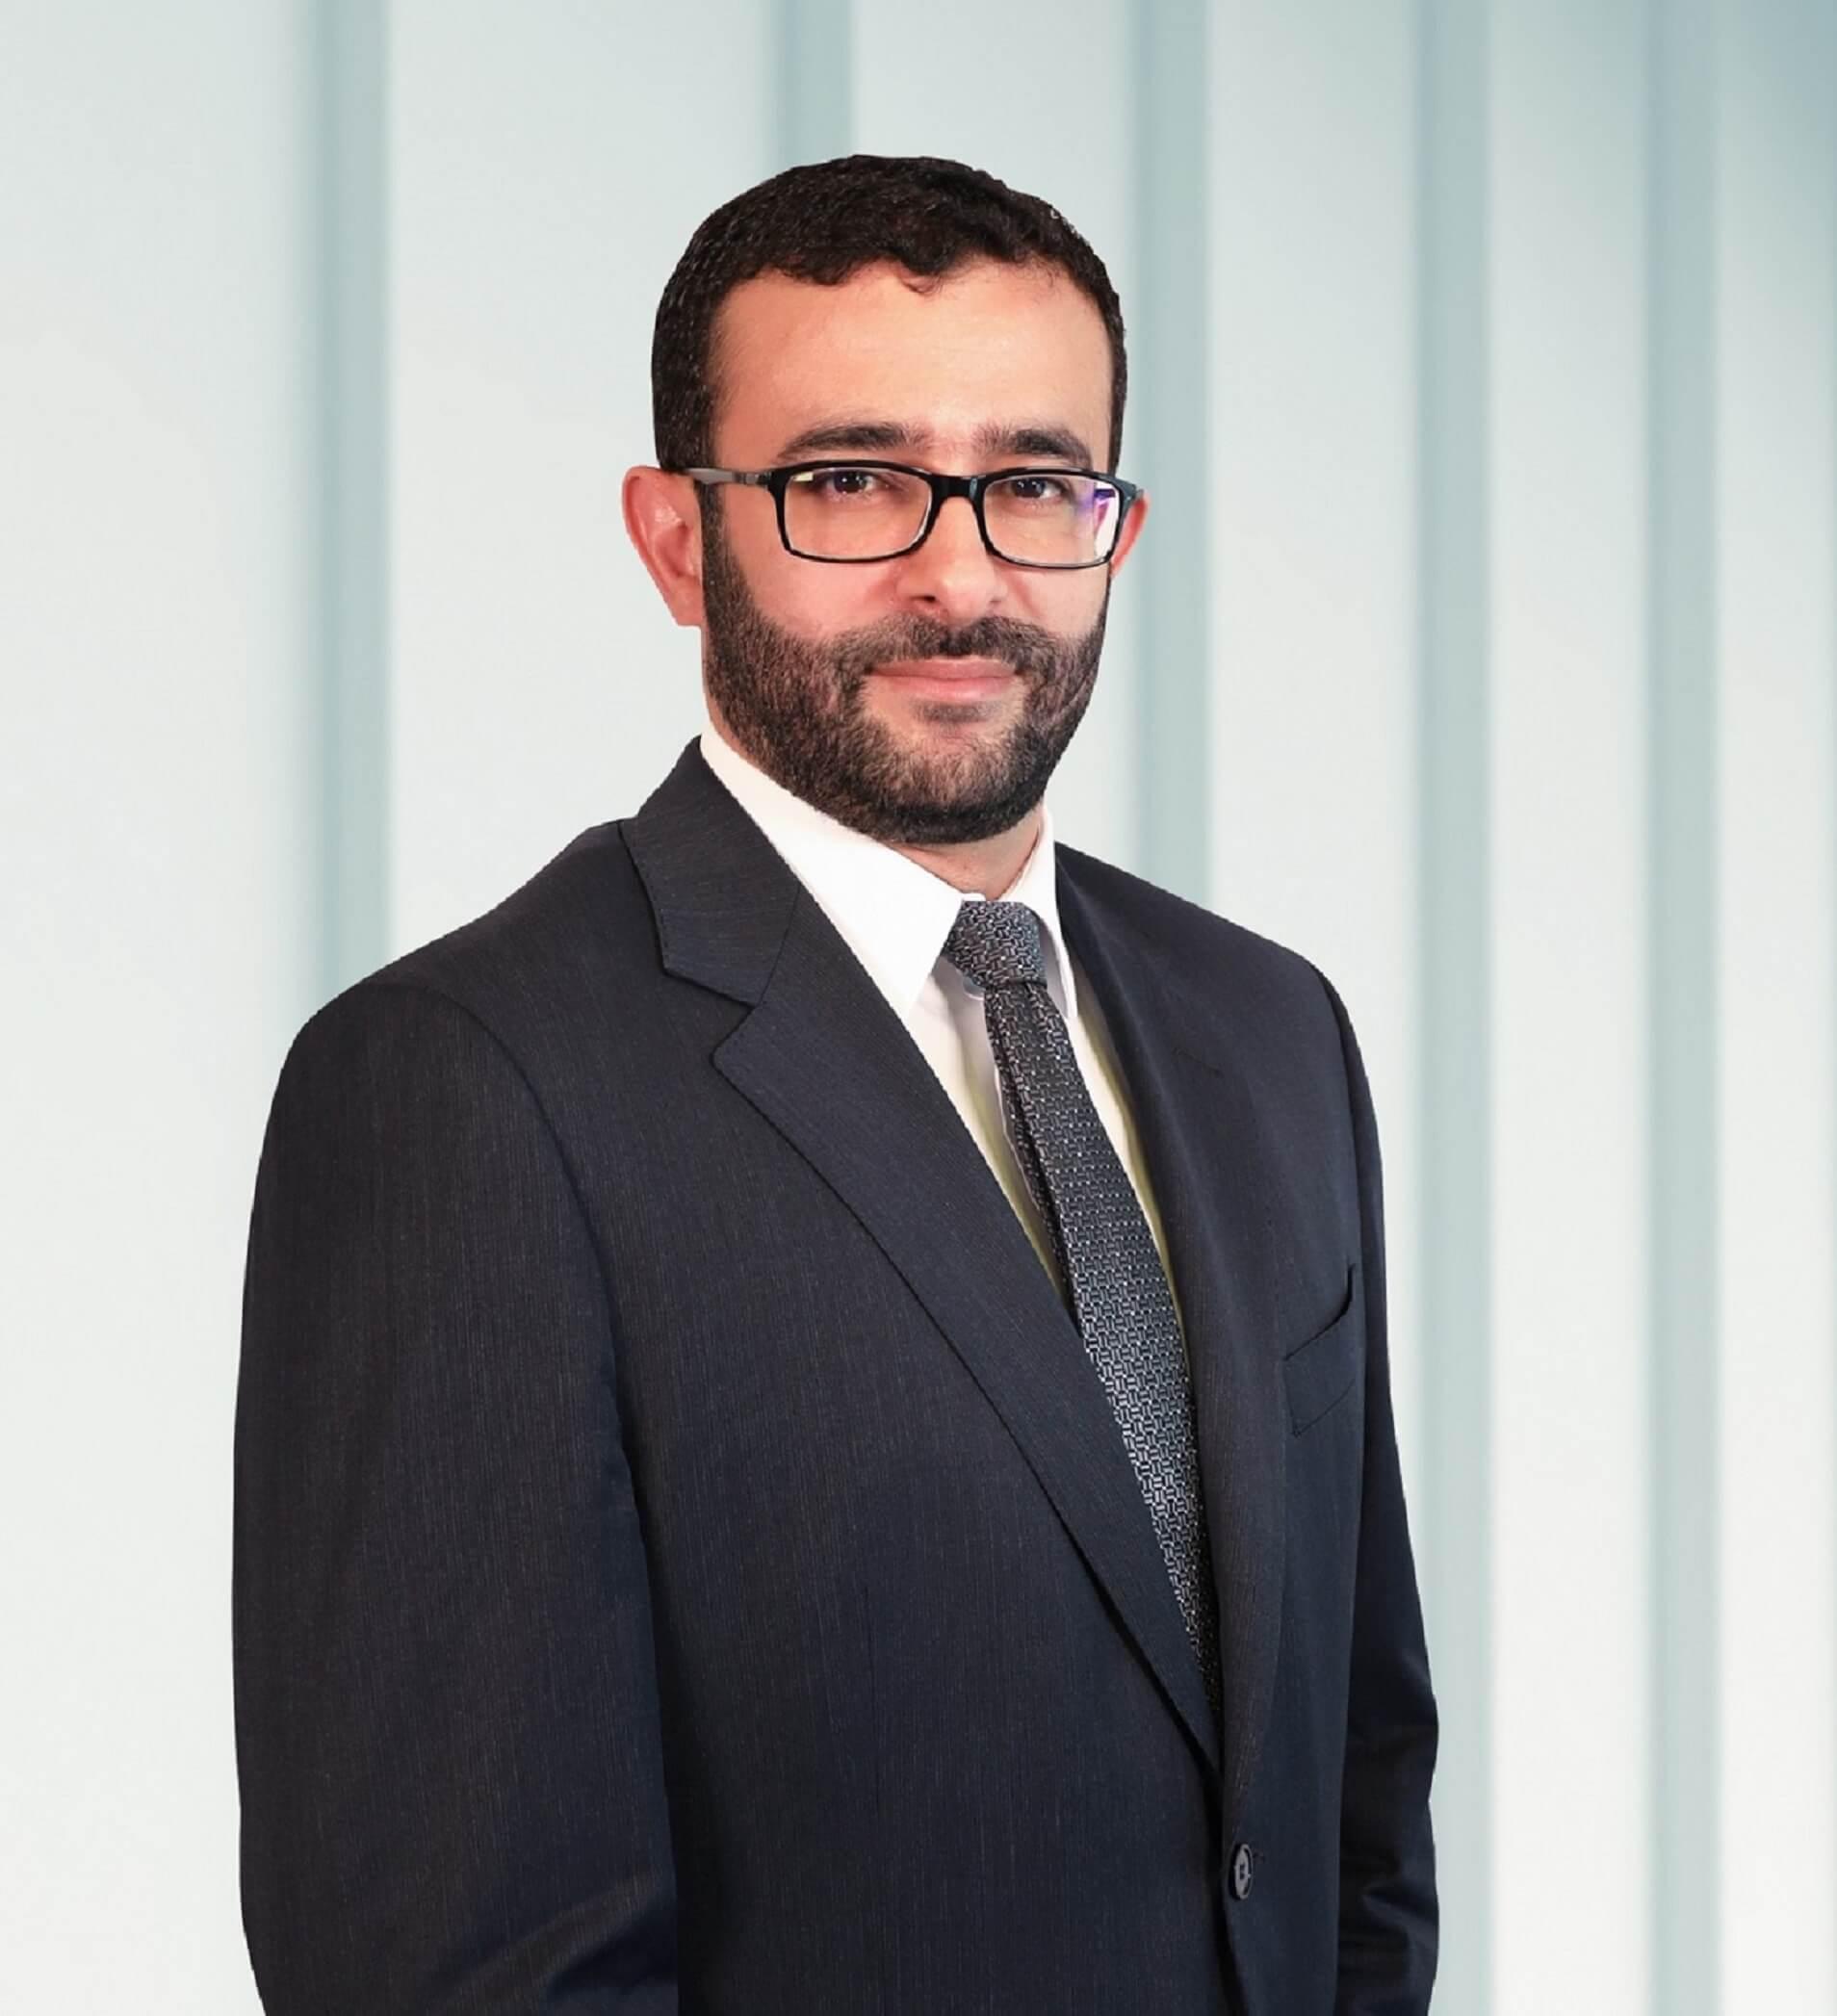 إنفيستيرا لإدارة الاستثمارات تطلق منصة معلومات السوق الأولى من نوعها في المنطقة إنفيستيرا+